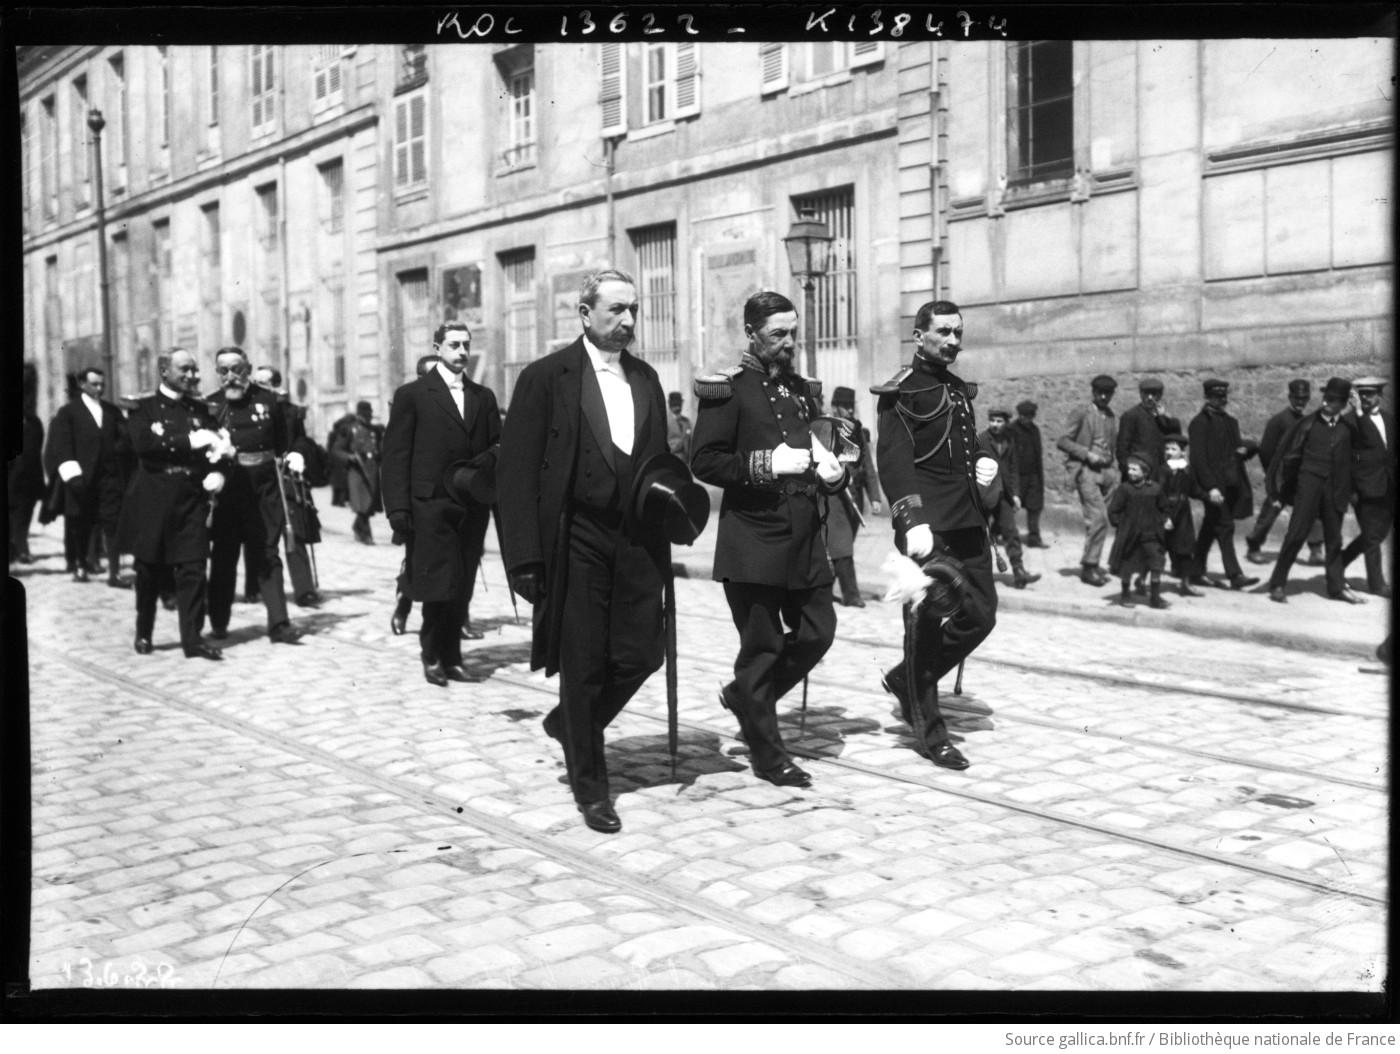 Berteaux, ministre de la Guerre, le Général Roque, le représentant du Président de la République, obsèques du Lieut. [Lieutenant] de vaisseau Byasson, 19/04/11 : [photographie de presse] / [Agence Rol]